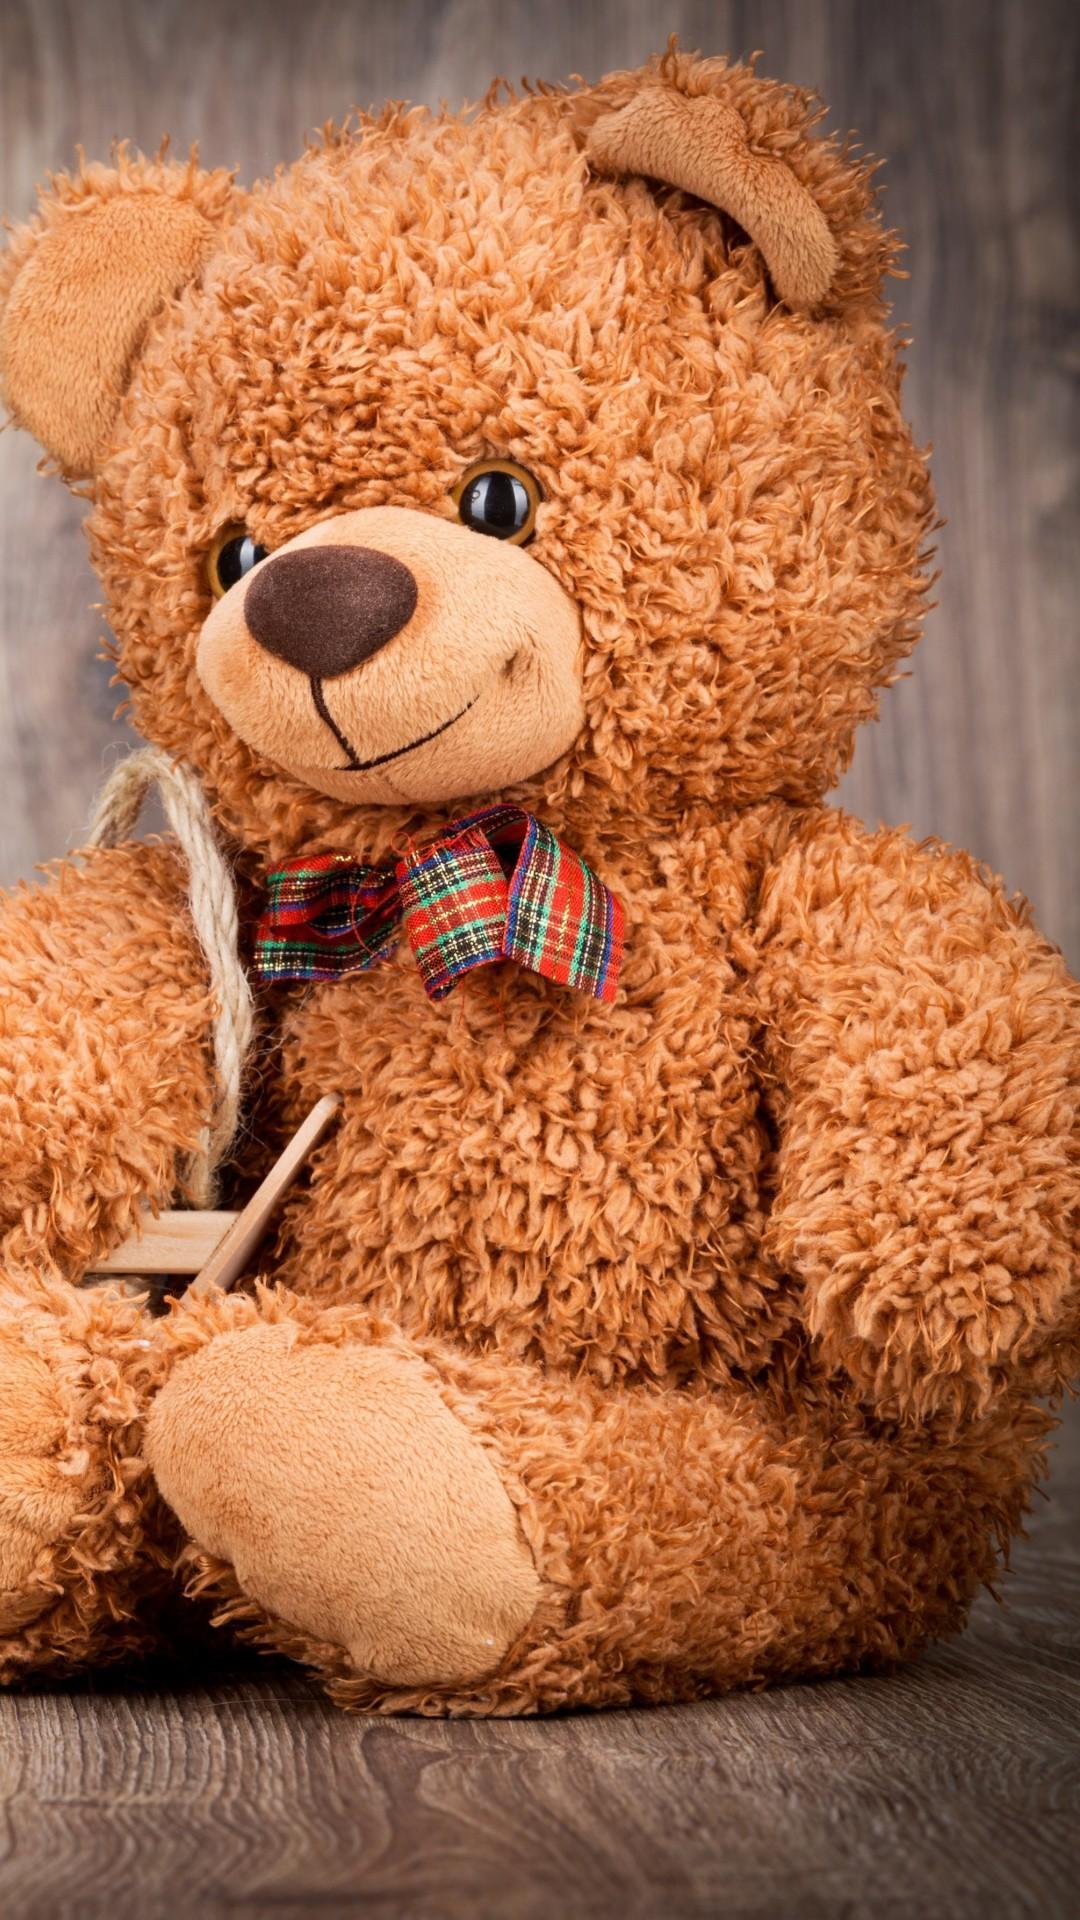 Cute Teddy Bear Live Wallpaper Free Download Teddy Bear Wallpaper 58